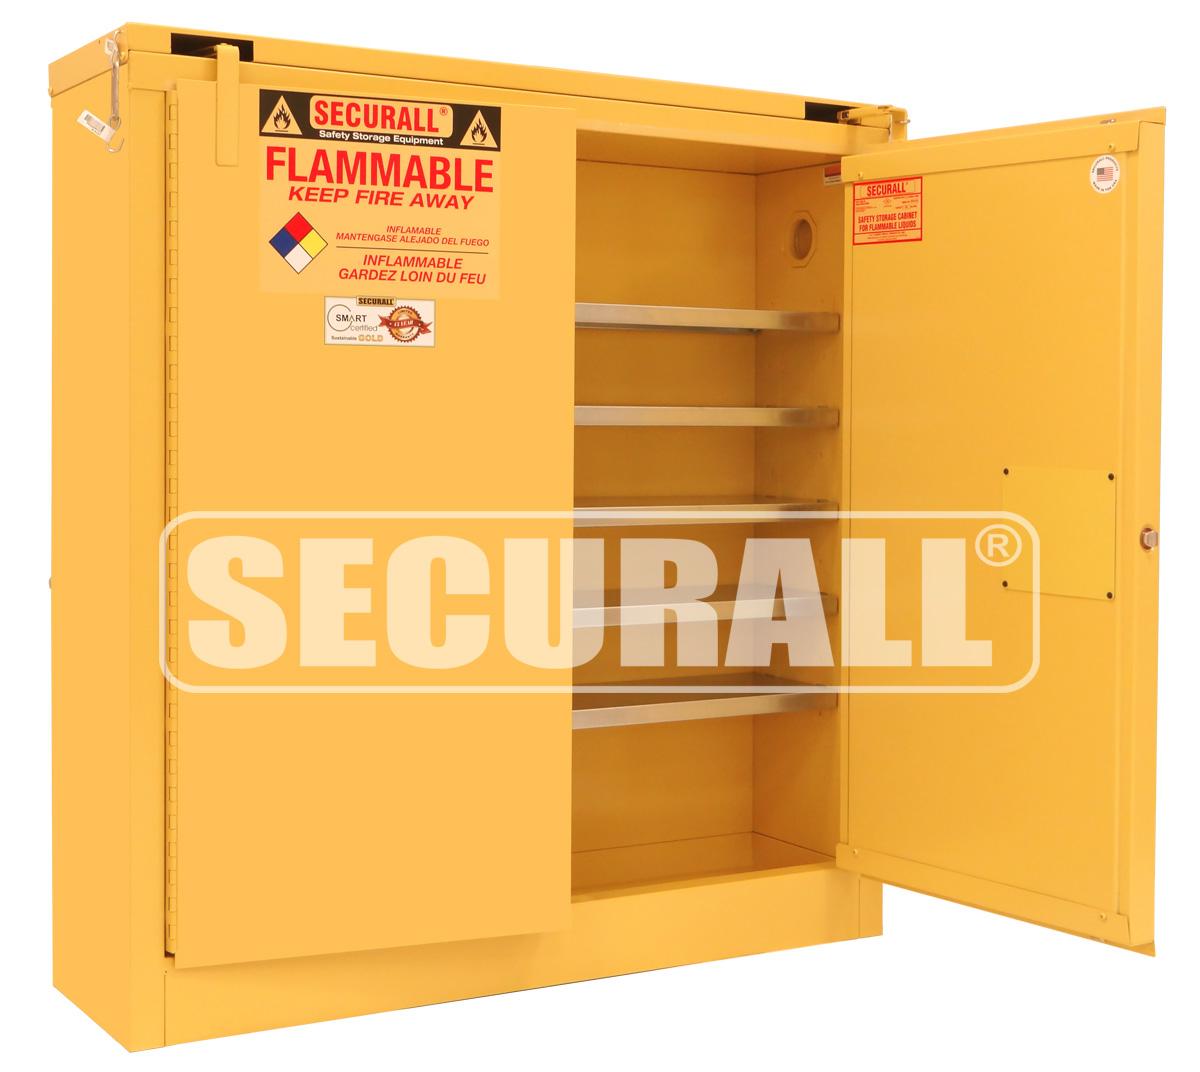 Flammable Storage Cabinet Regulations Ppi Blog